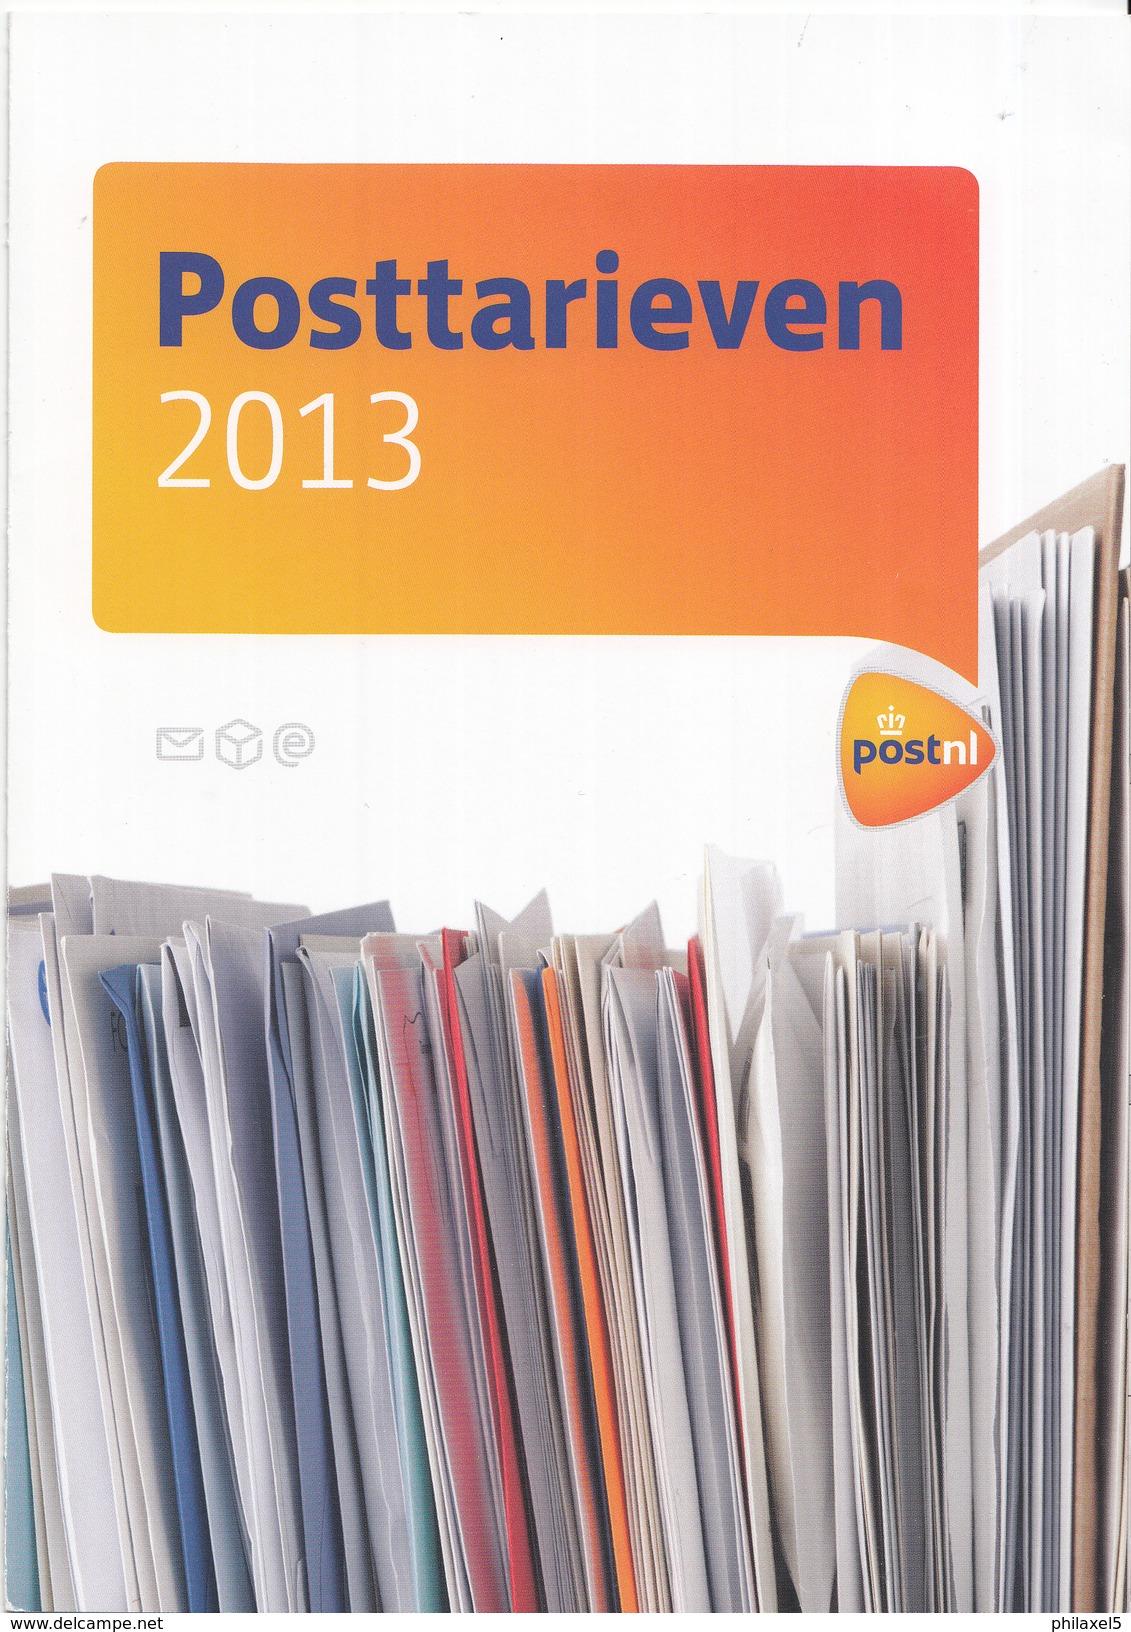 Nederland - Postnl - Brochure Tarievenlijst Januari 2013 - 6 Pagina's - Nieuw Exemplaar - Tarifa De Correos